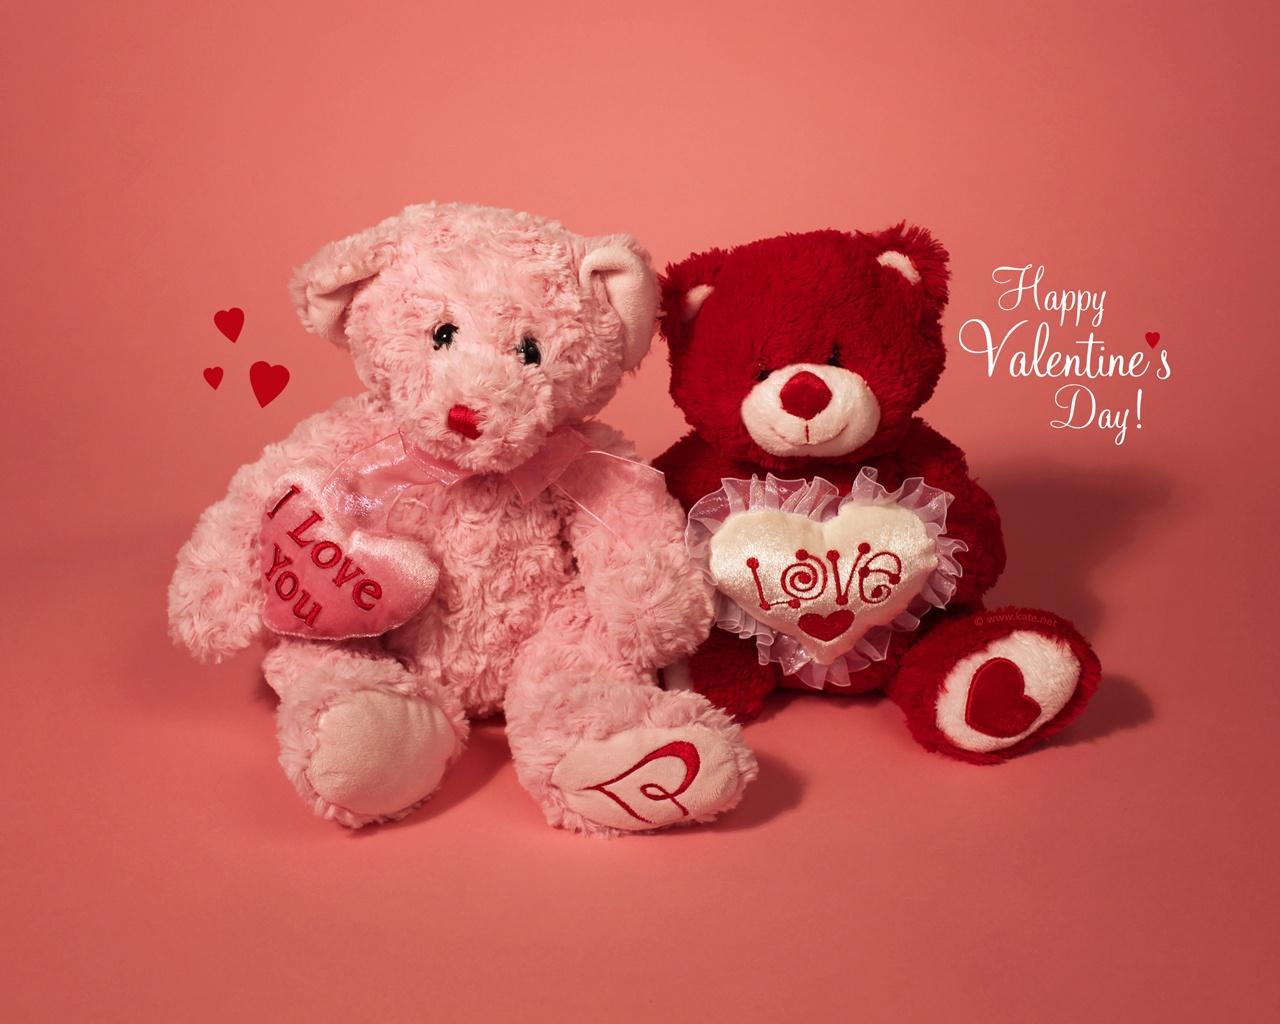 نتيجة بحث الصور عن Happy Valentine